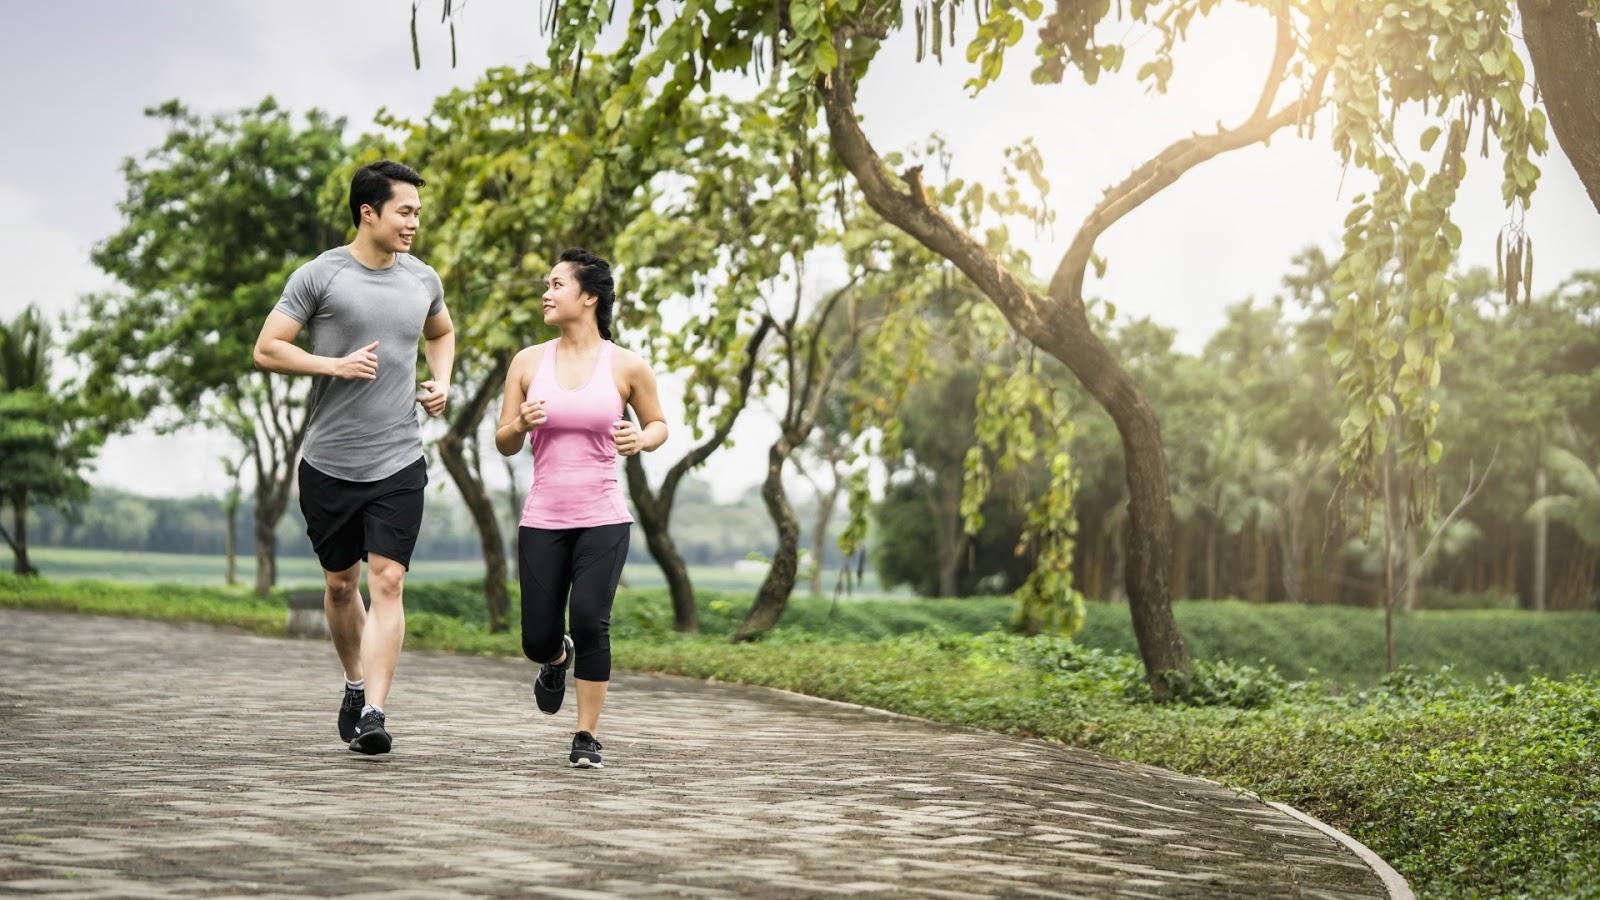 Tập thể dục và những hiệu quả không ngờ trong việc phòng chống bệnh tật